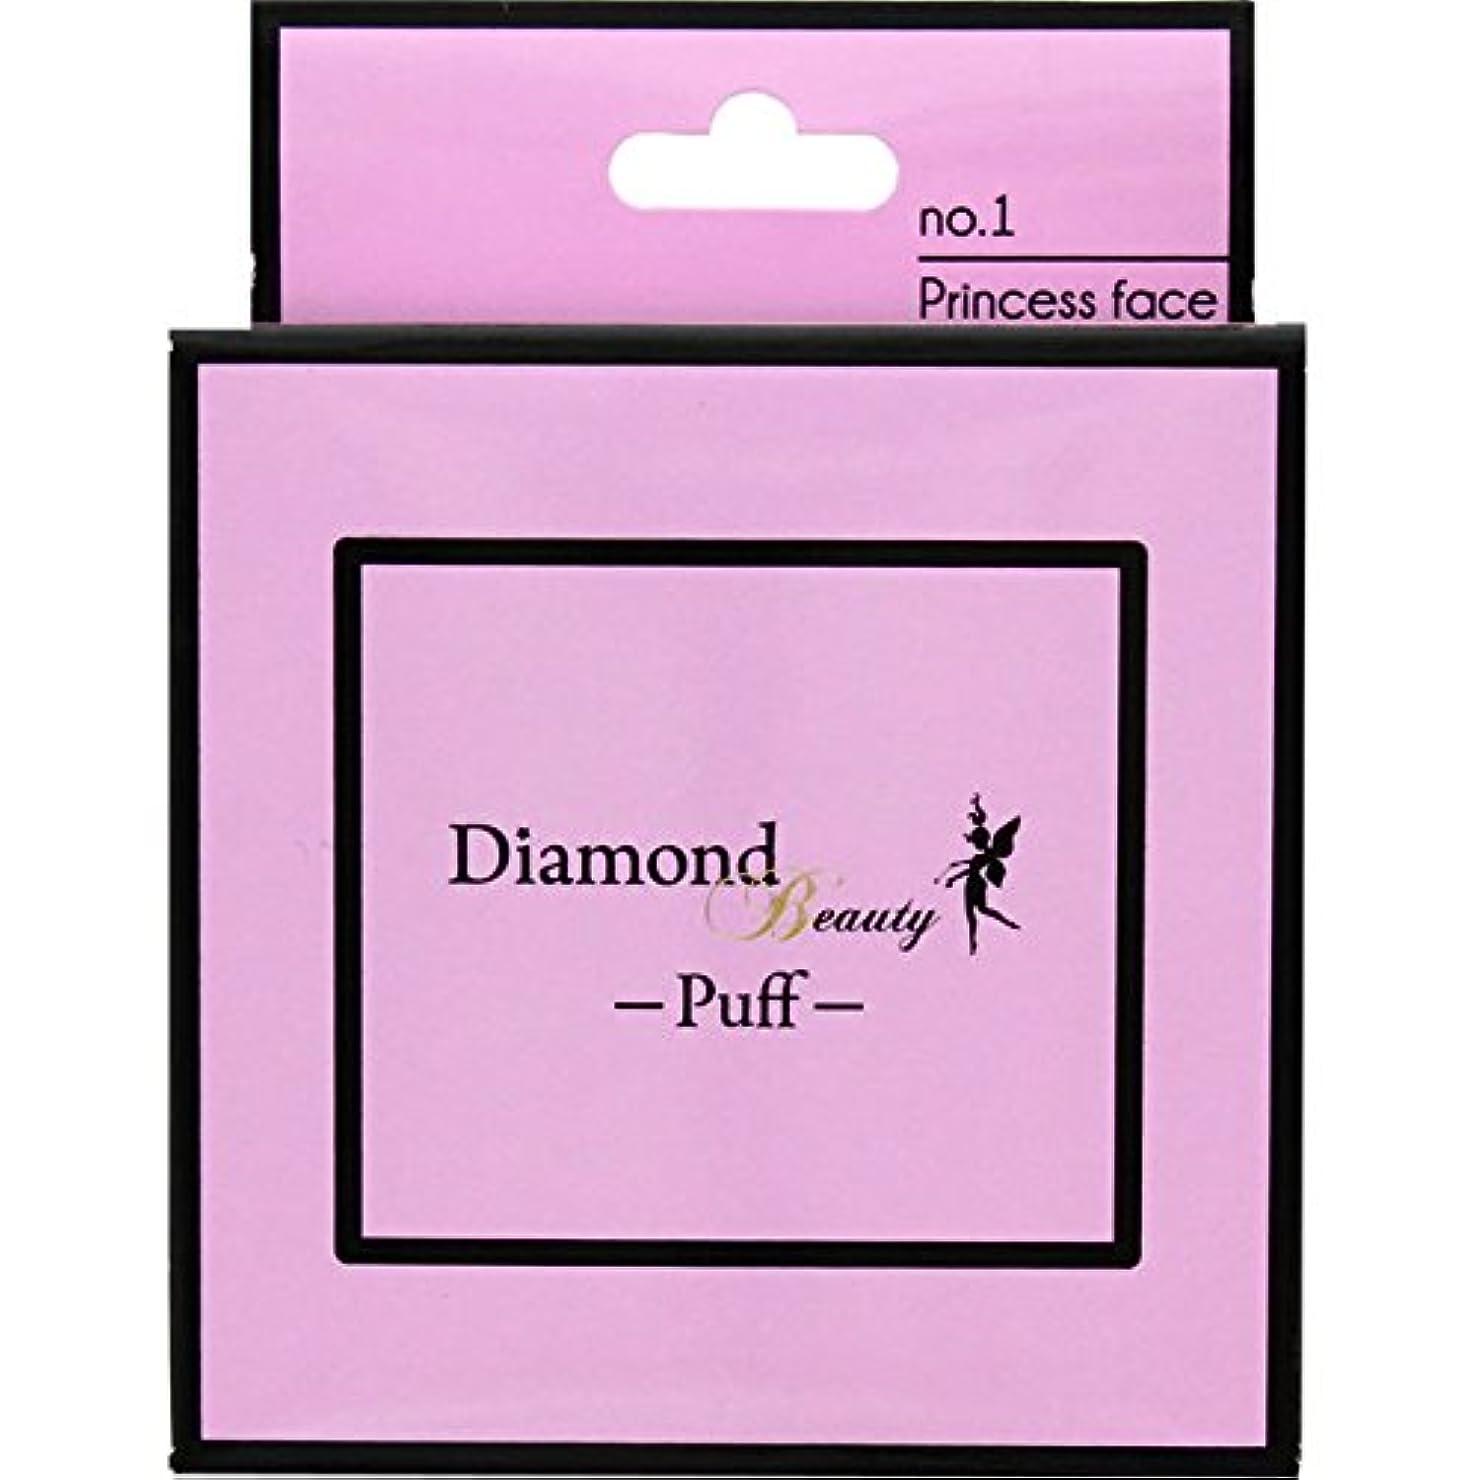 カナダ間違えた人柄ダイヤモンドビューティー パフ 01 プリンセスフェイス